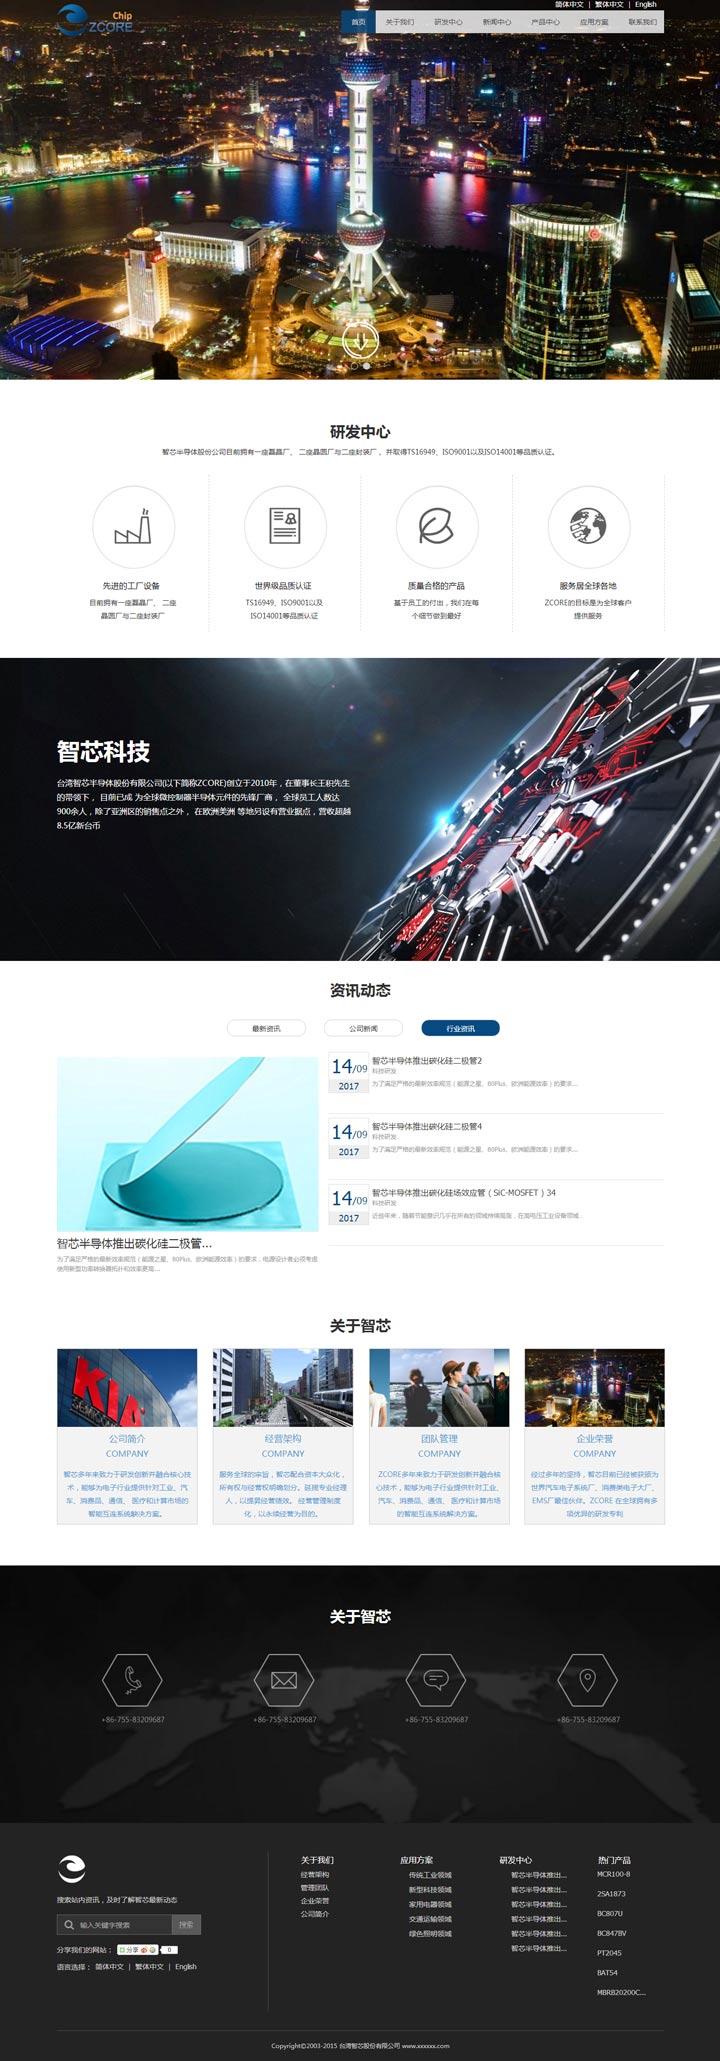 智芯半导体网站模板